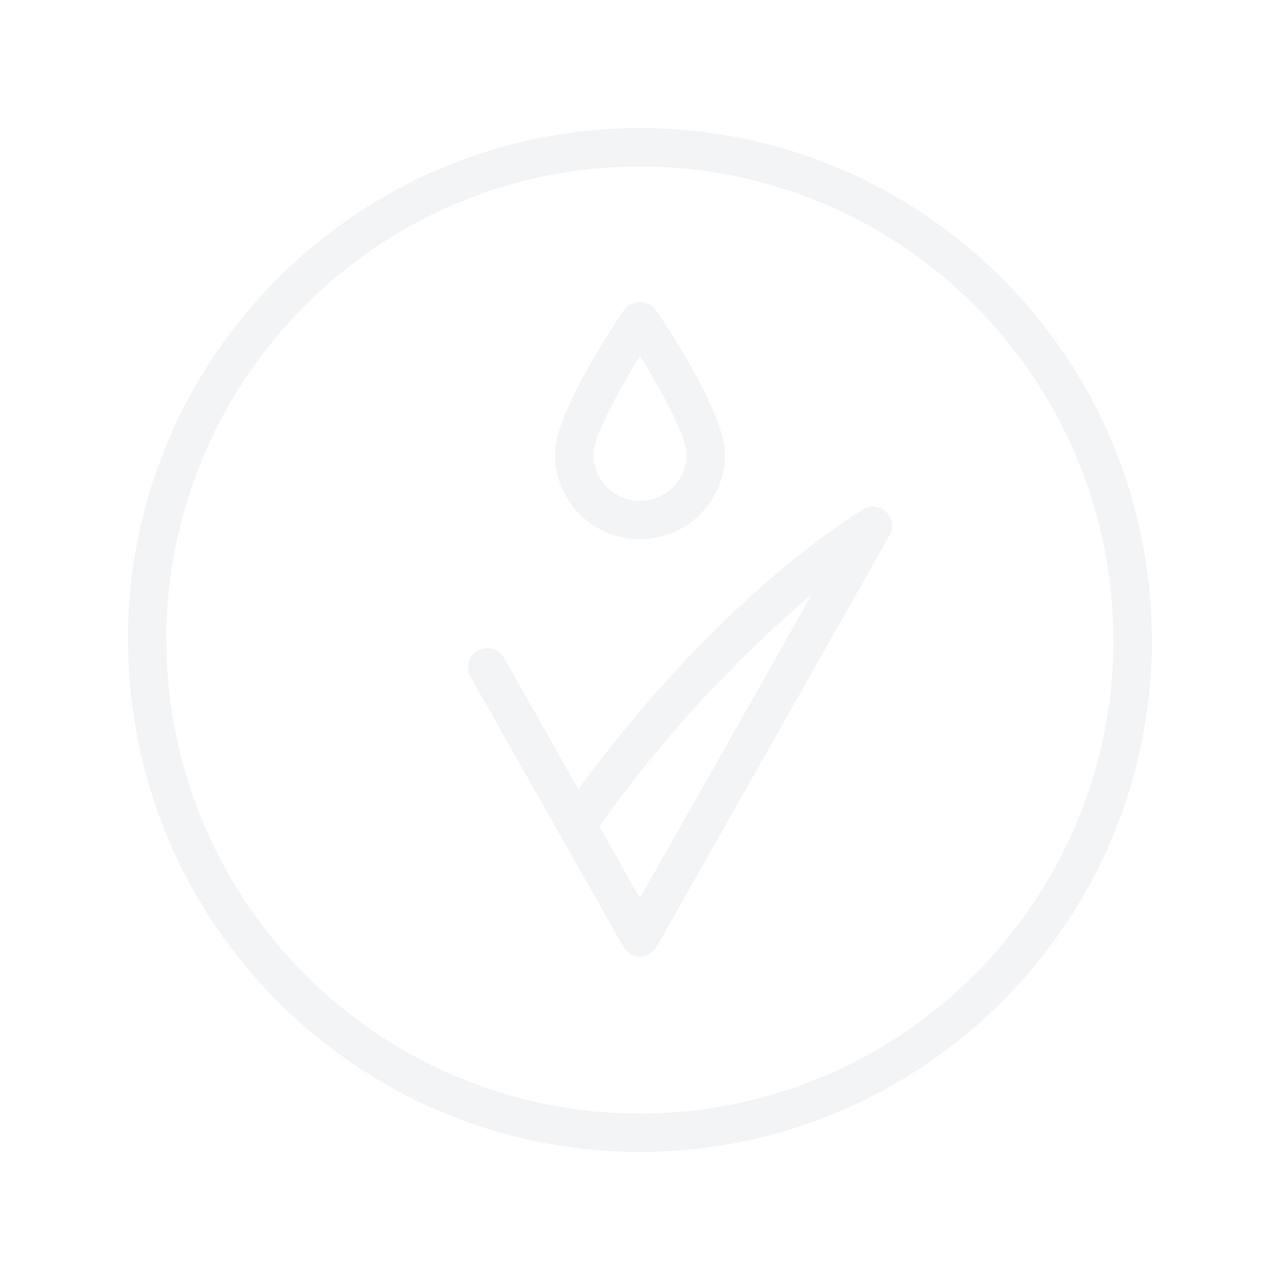 KERASTASE Specifique Bain Riche Dermo-Calm Shampoo 250ml